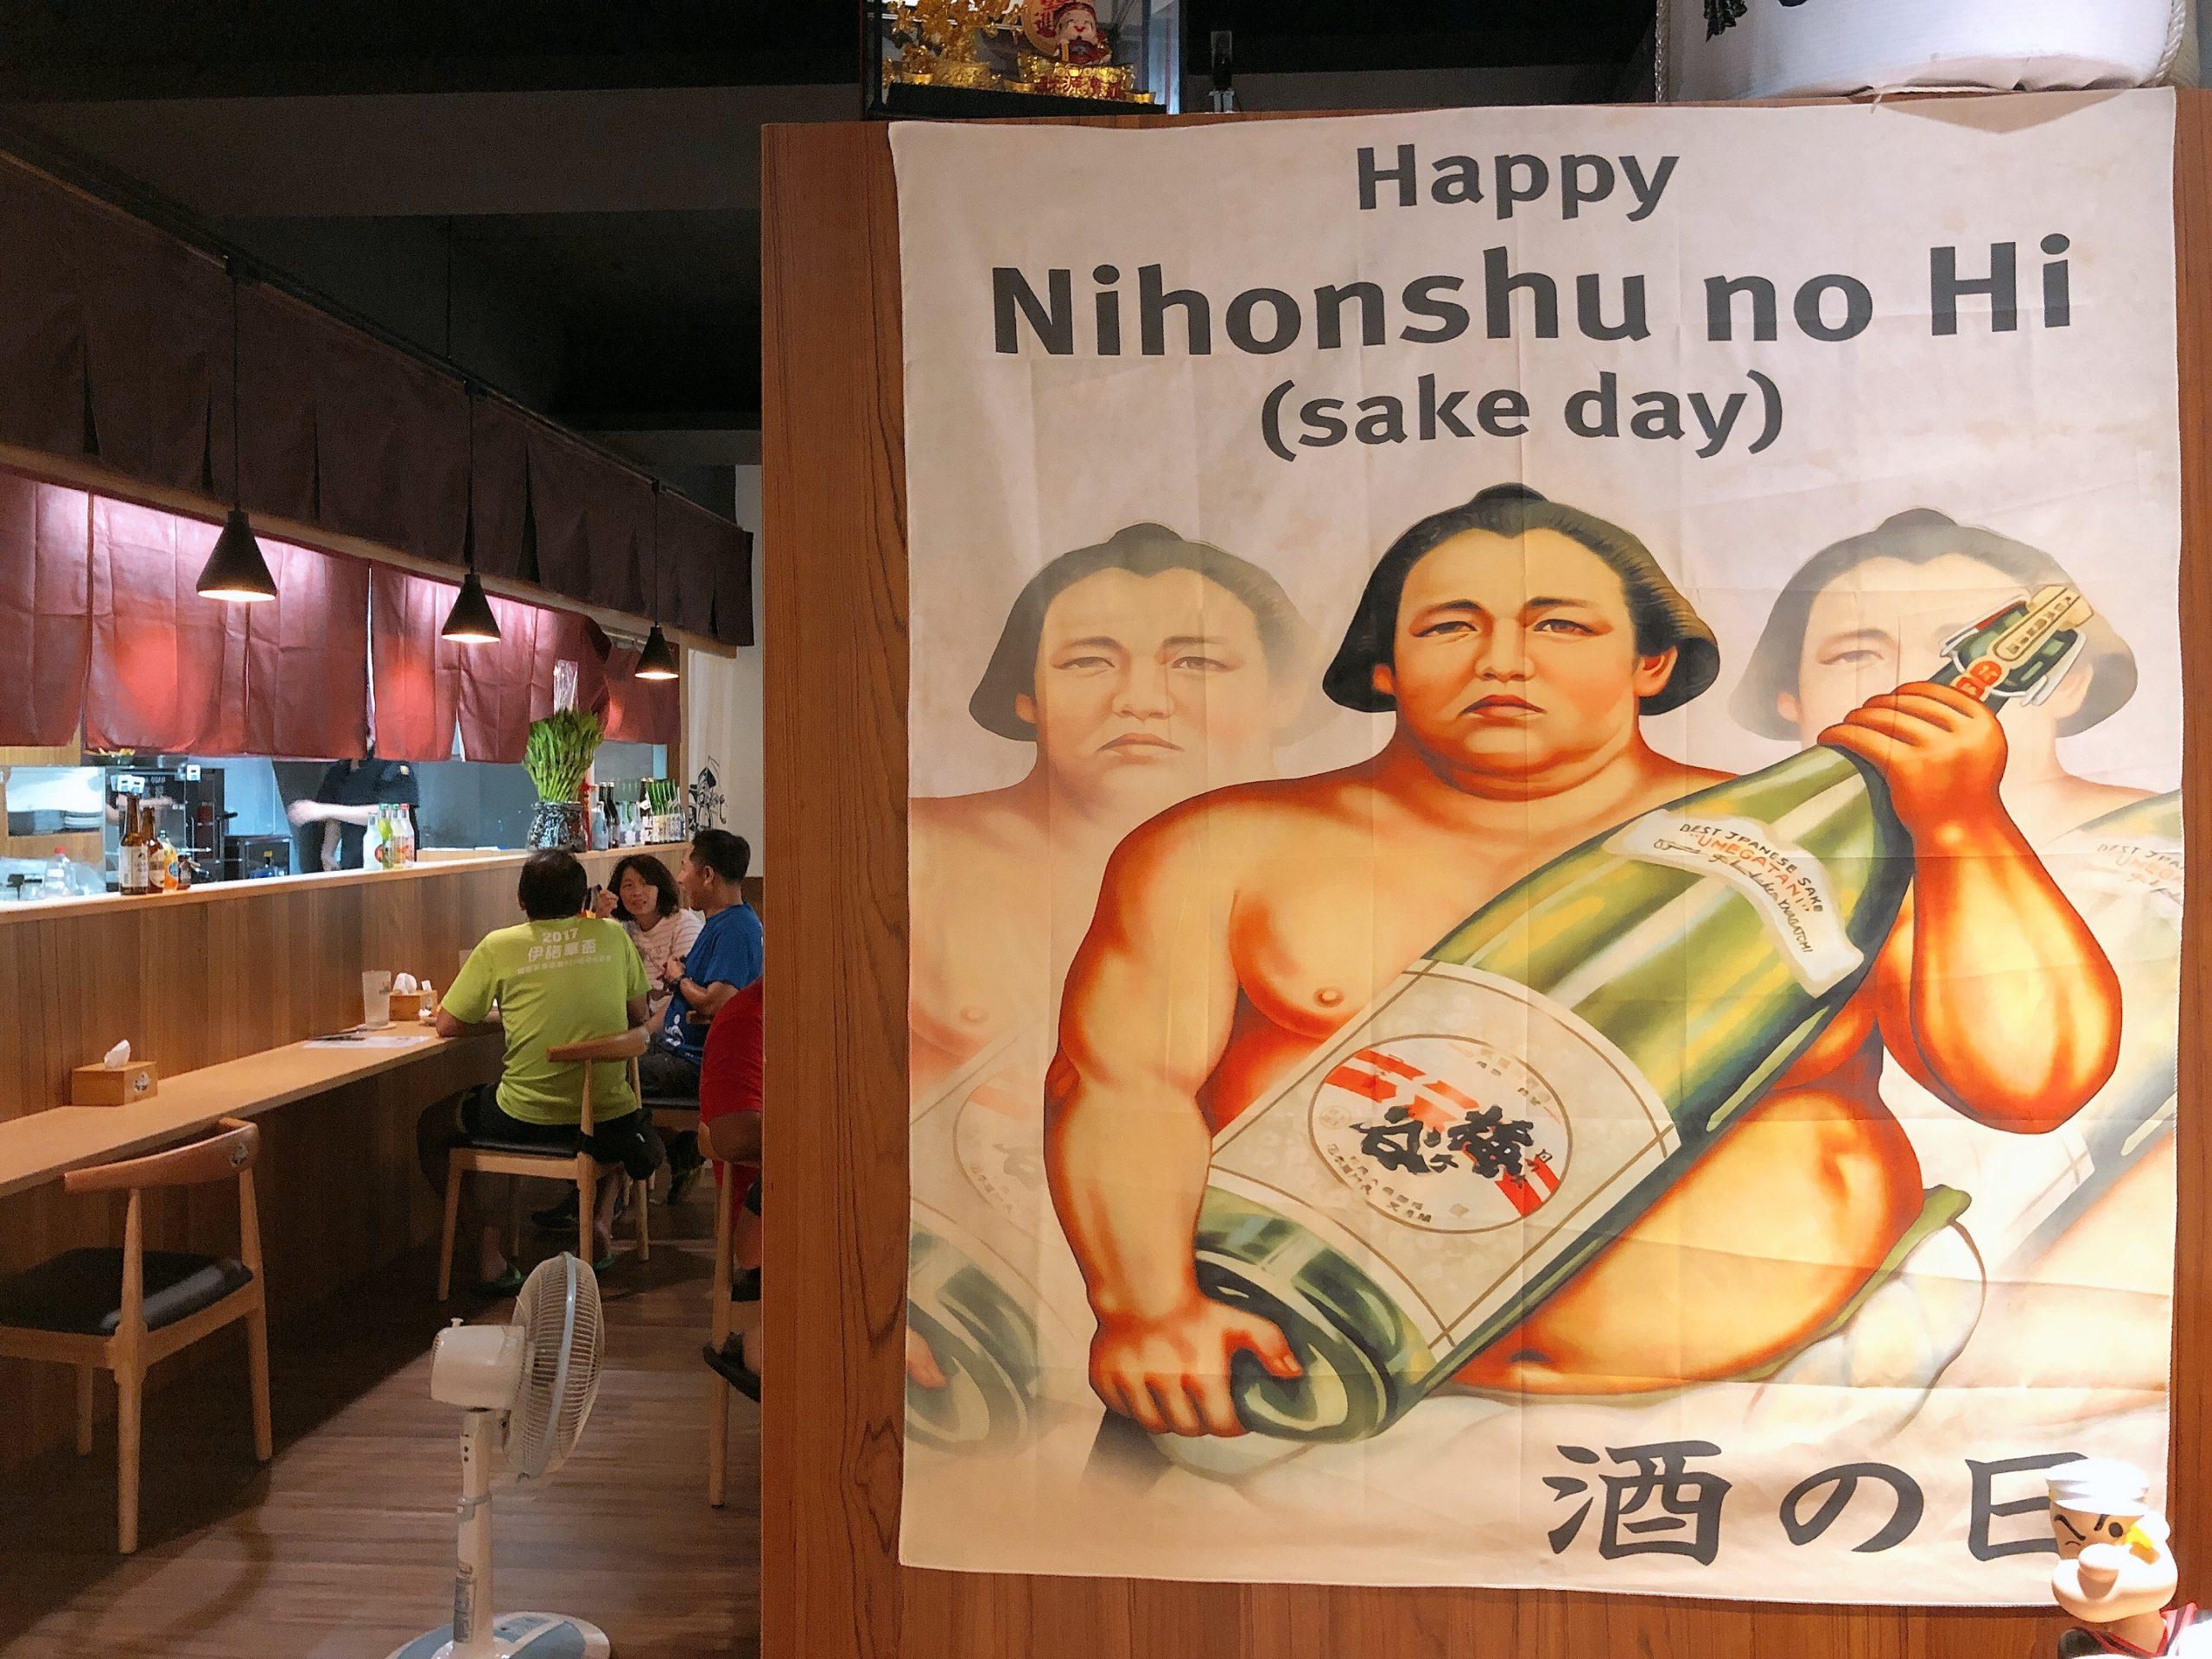 【宜蘭美食-羅東】不用飛到日本,近在咫尺的日式燒烤–愚人居酒屋  ▏日式燒烤   ▏羅東火車站前